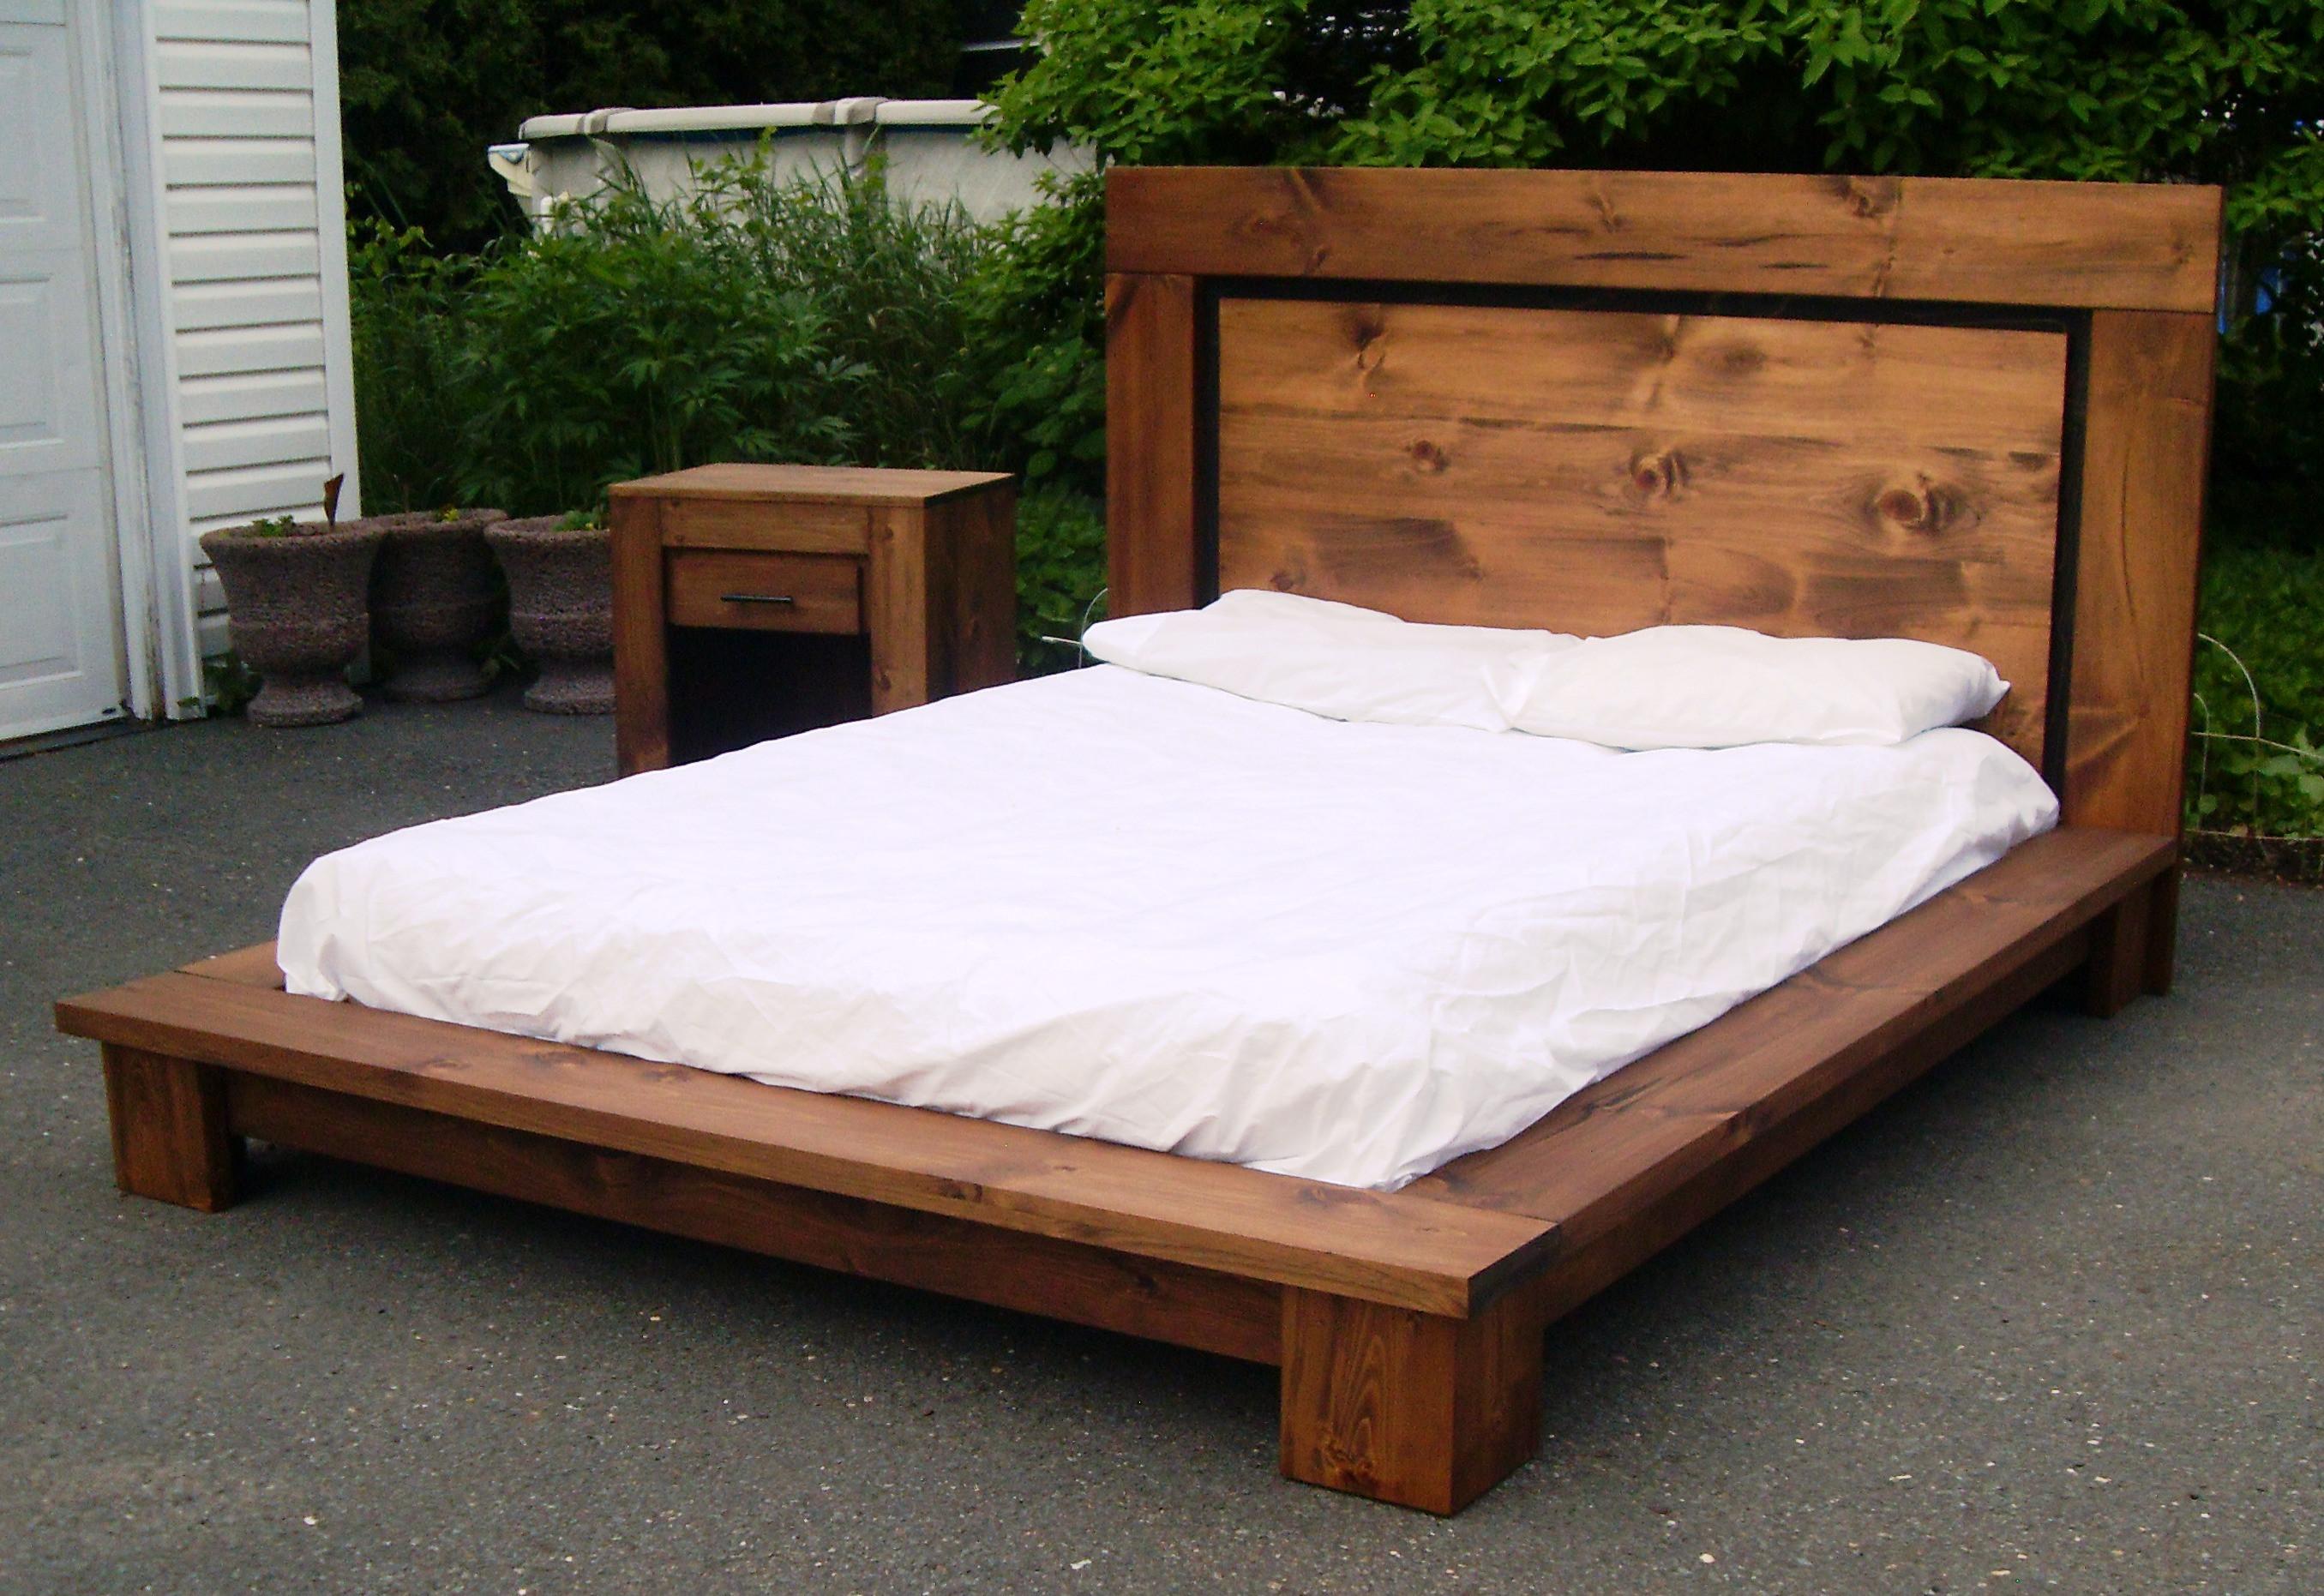 Lit Poutre Bois Massif les bases de lits | lit zen quebec | base de lit